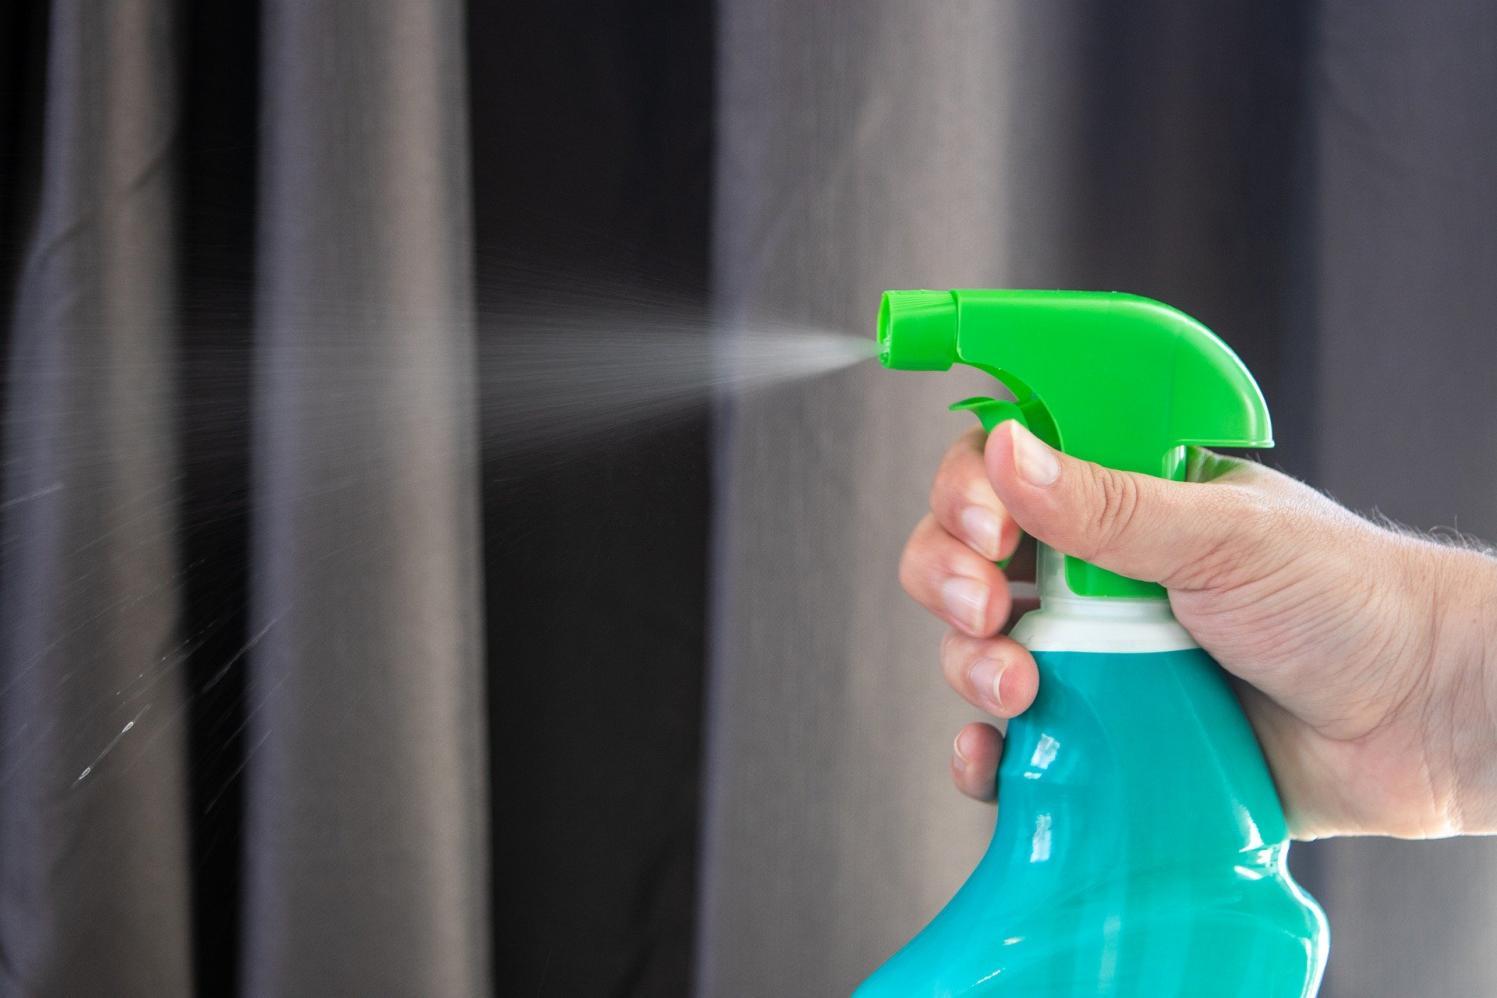 Na quarentena, materiais de limpeza têm aumento de 4673% no volume de compras pela internet